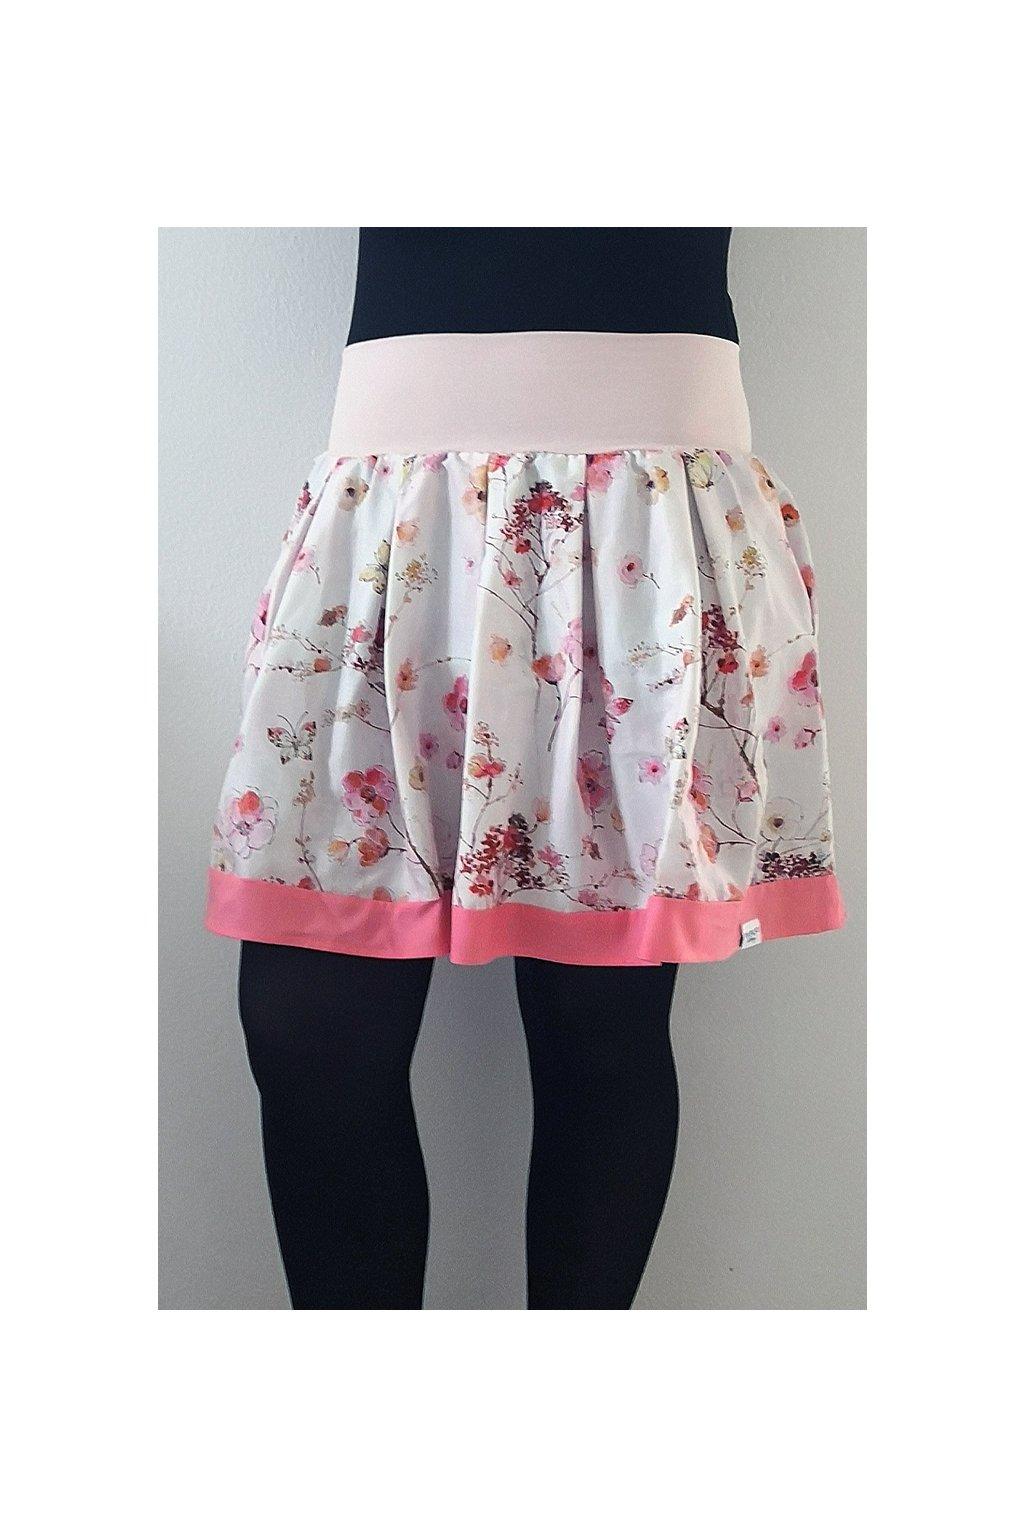 Skládaná sukně Květiny | micropeach